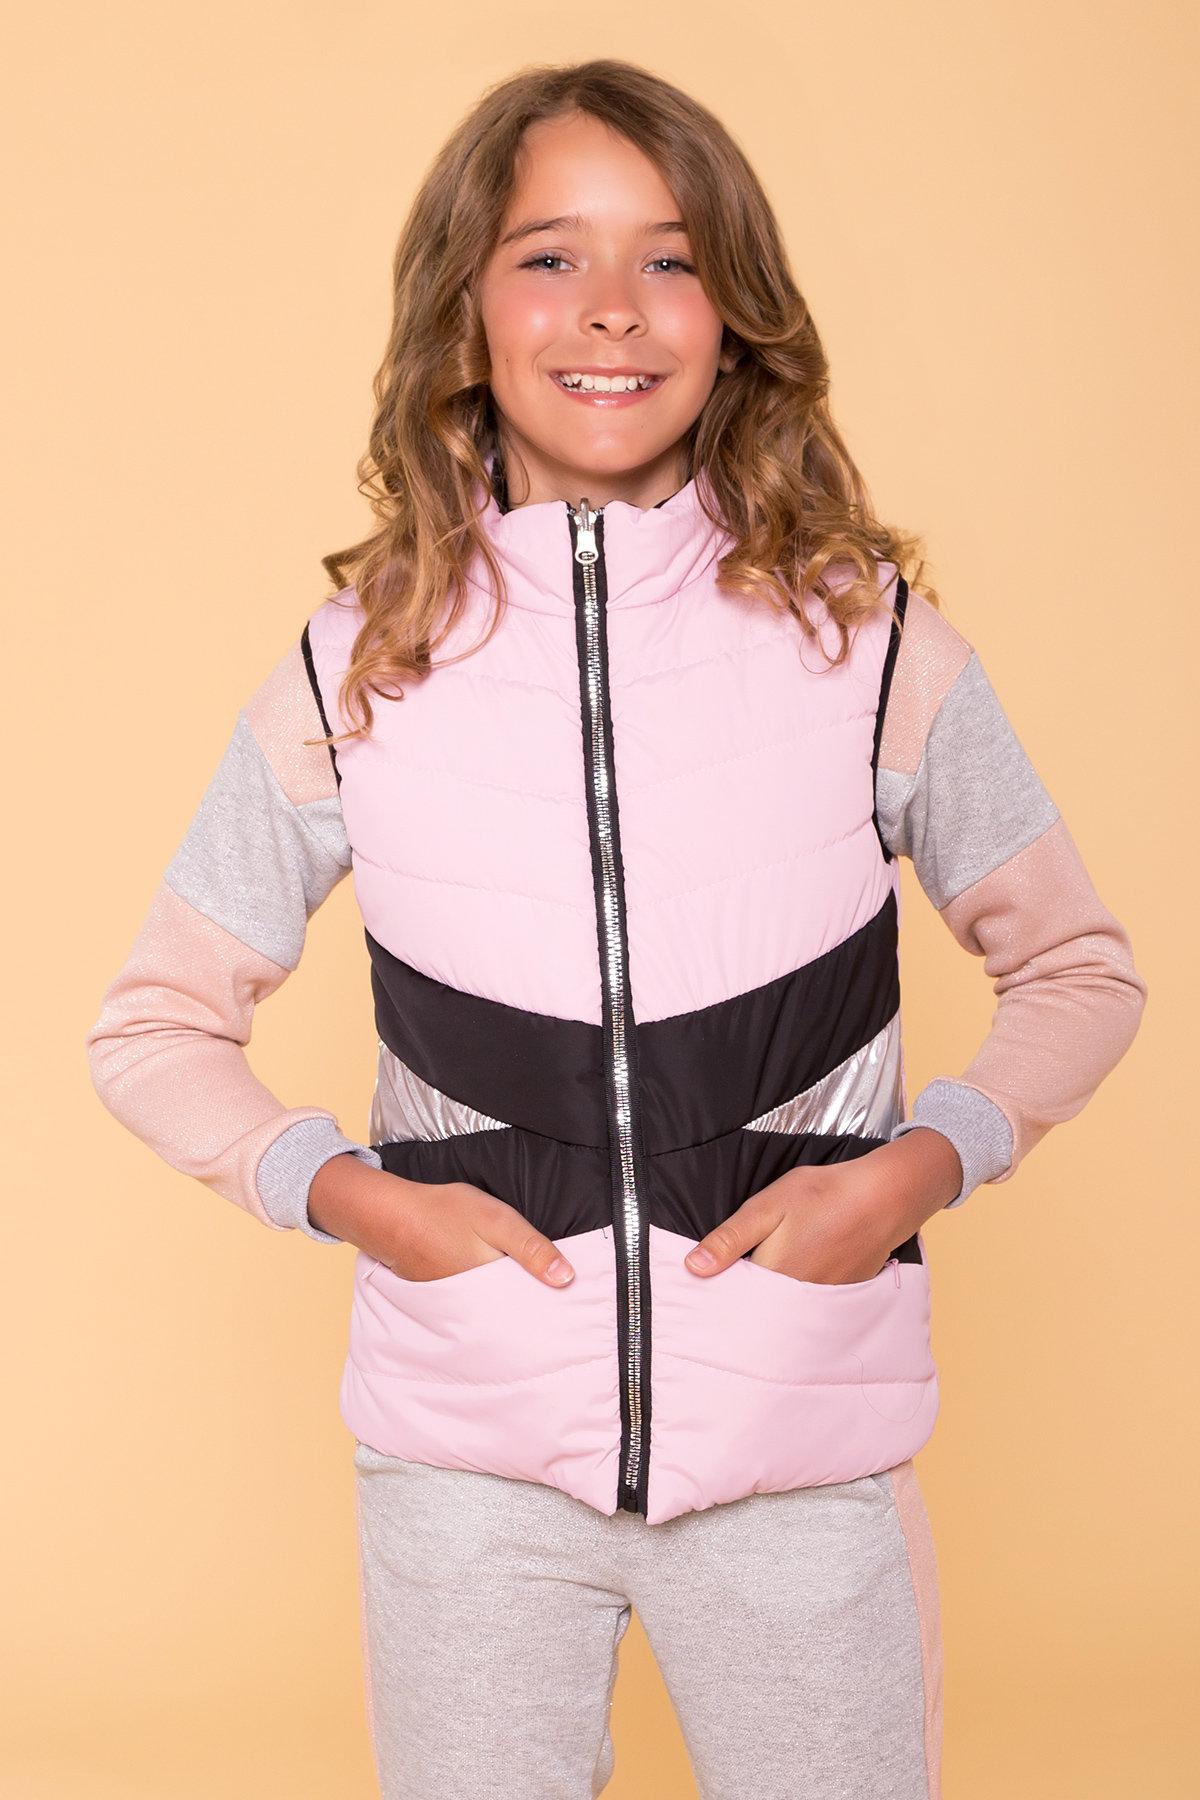 Жилет детский Терра 6875 АРТ. 41957 Цвет: Пудра св/черный - фото 9, интернет магазин tm-modus.ru